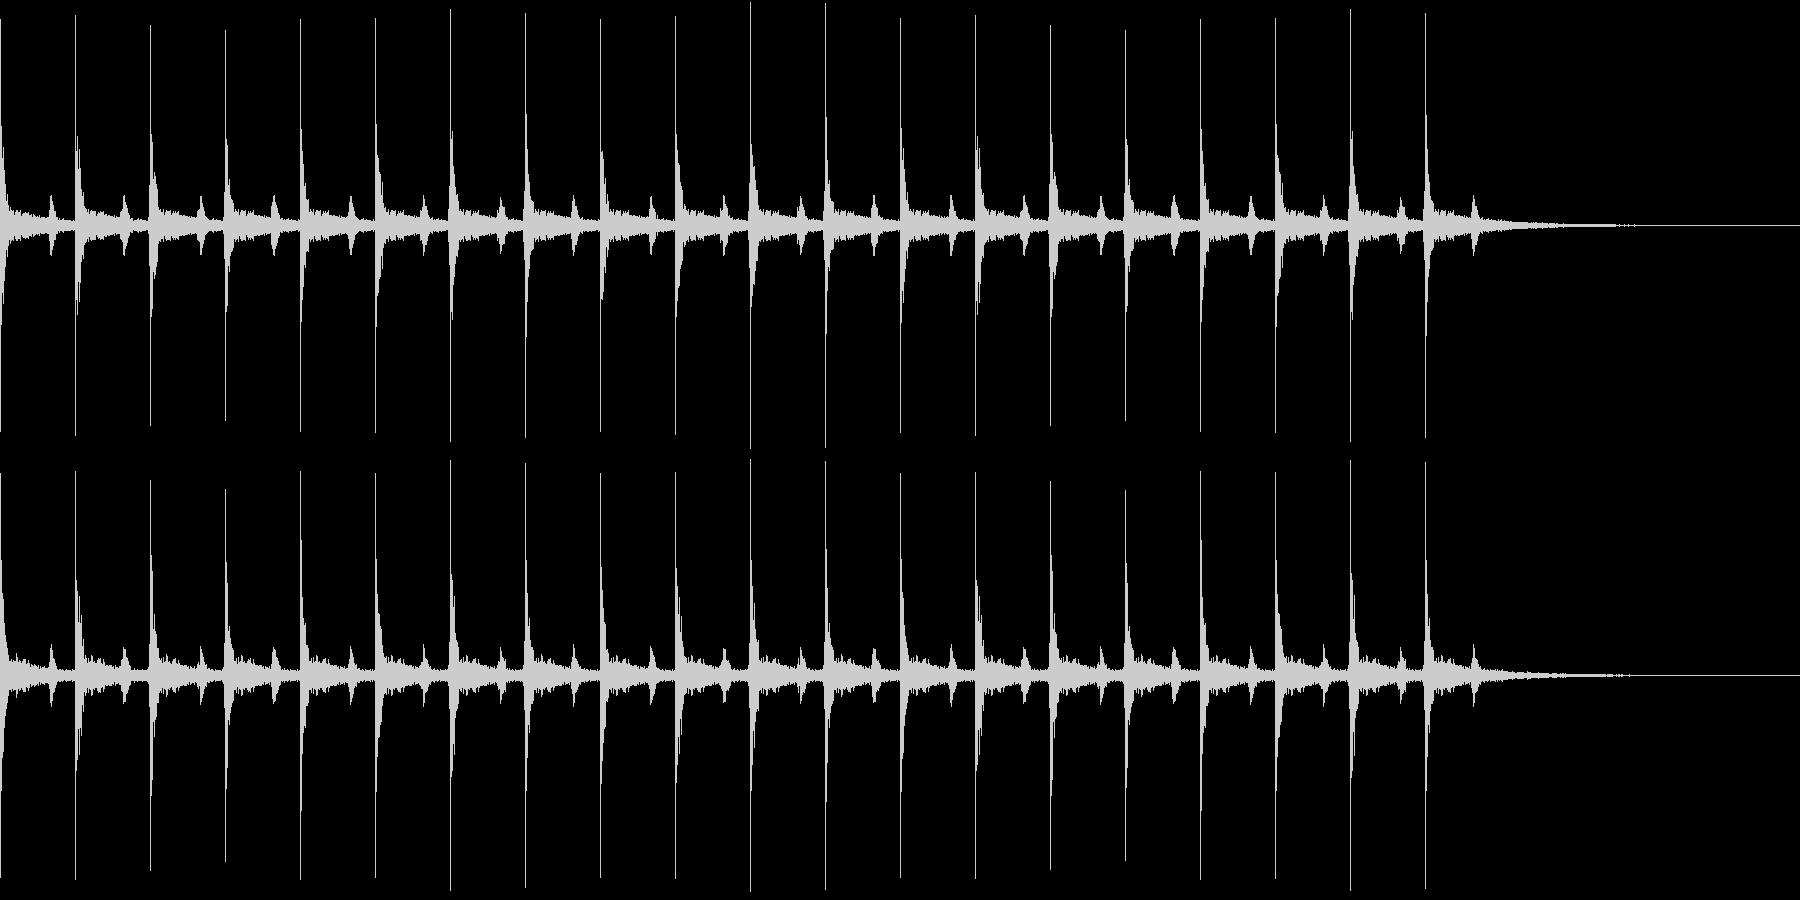 心の中の音シリーズ 時計の秒針と心臓音の未再生の波形